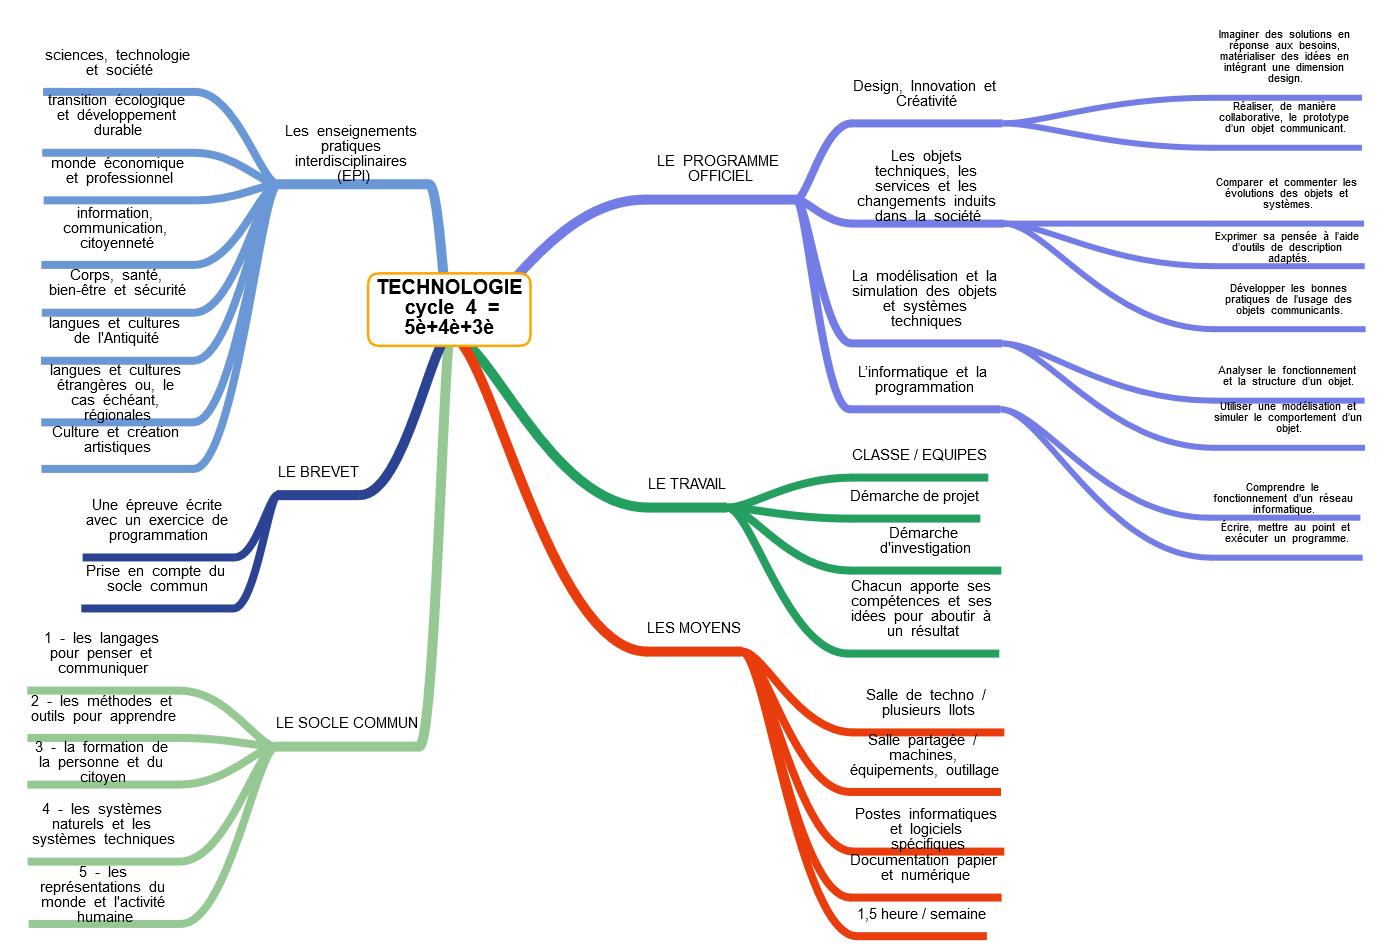 """Résultat de recherche d'images pour """"carte heuristique cycle 4 technologie"""""""